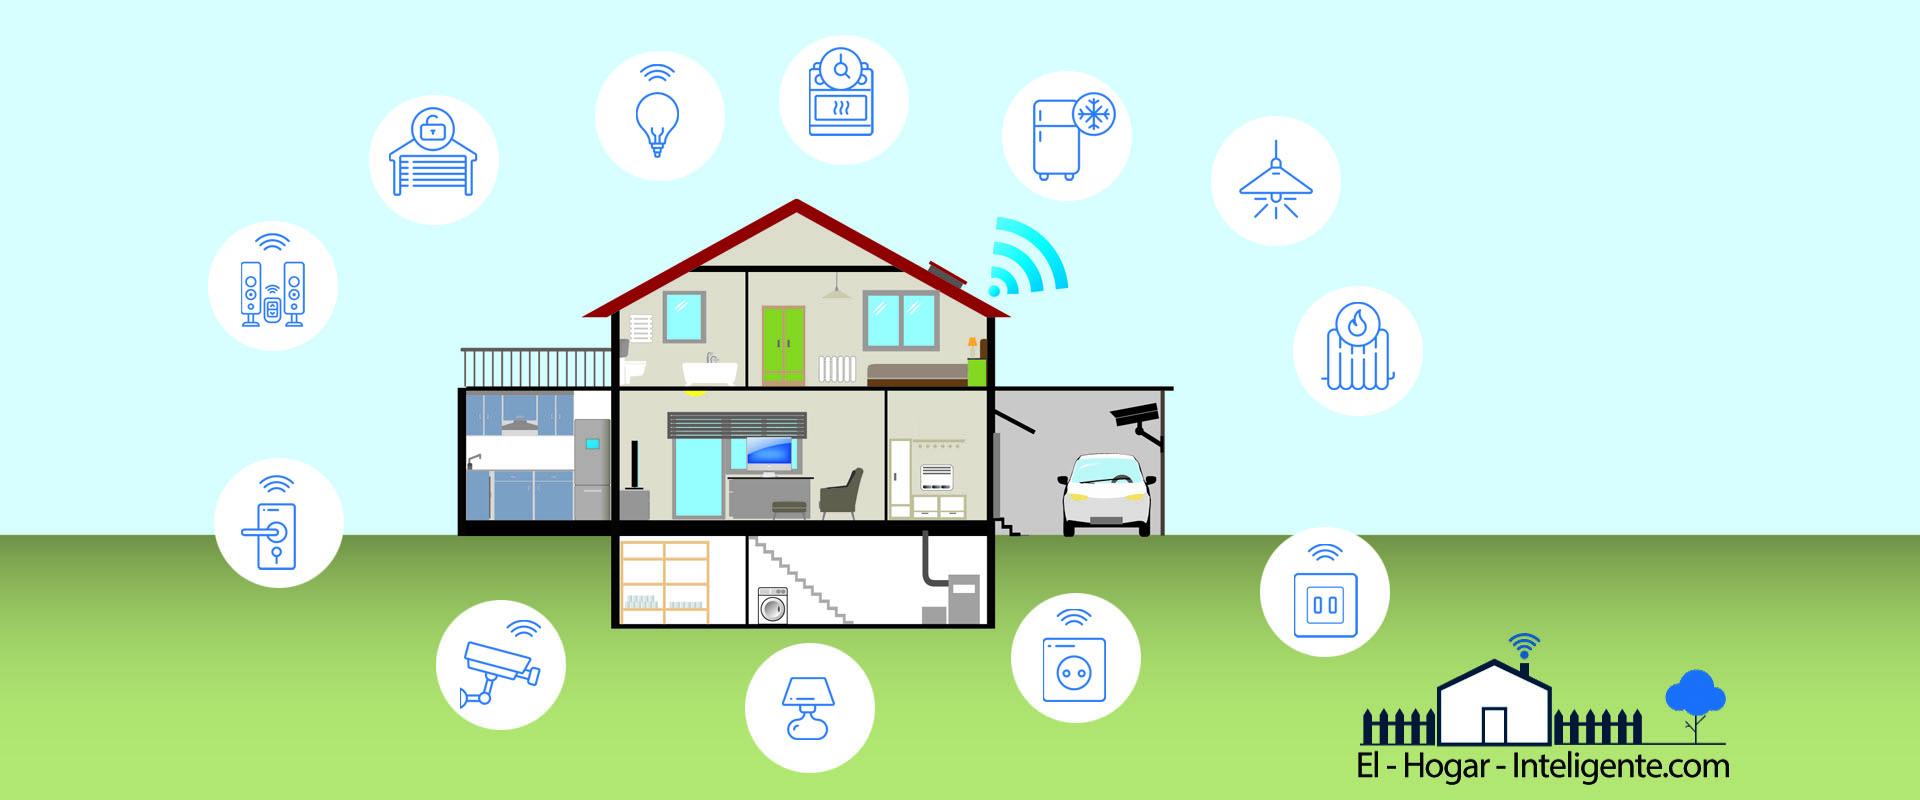 baner-el-hogar-inteligente